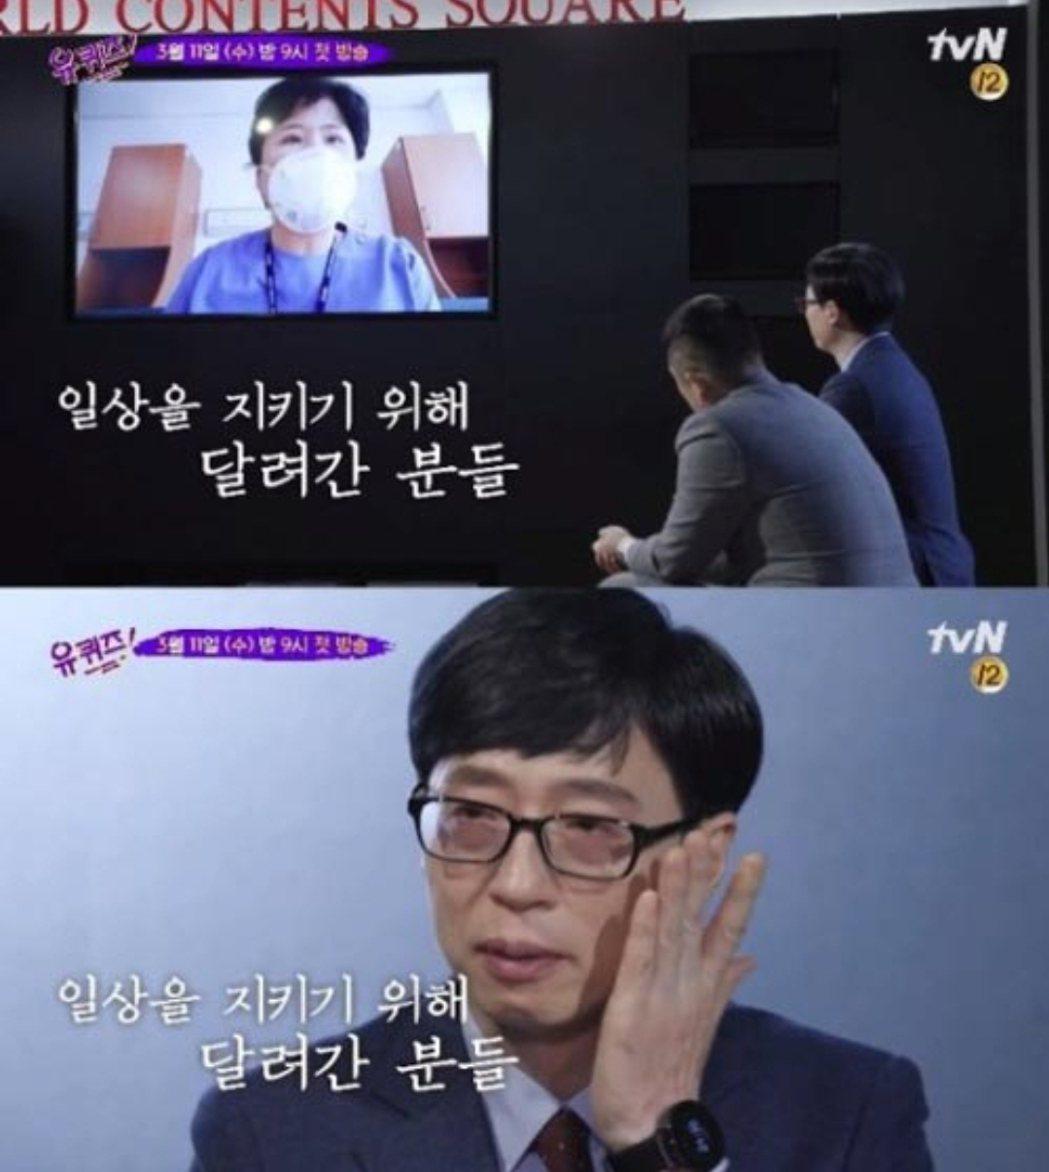 劉在錫跟醫護人員連線時情緒失控。圖/摘自tvN